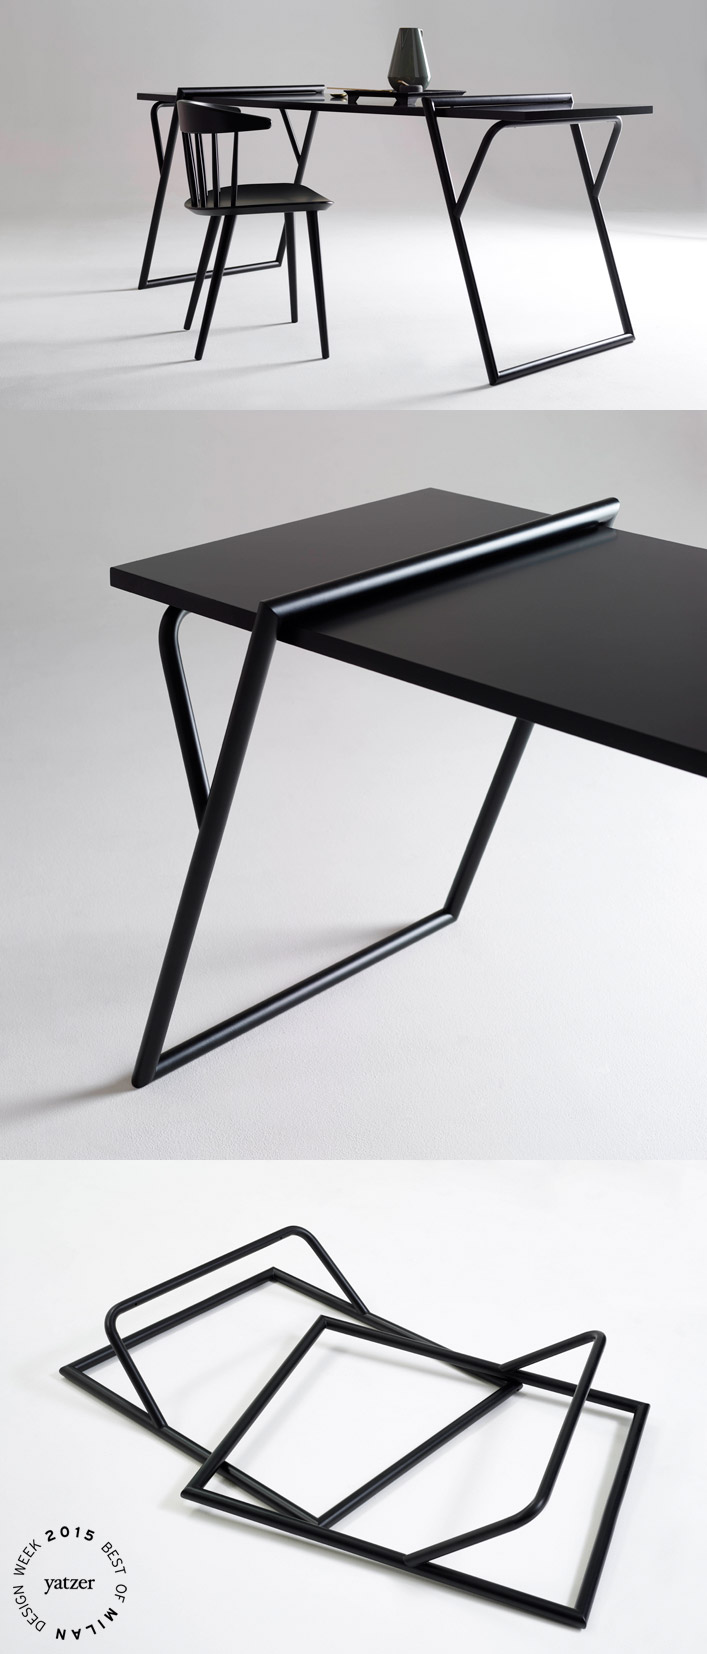 milan-design-week-2015-hisheji (40)